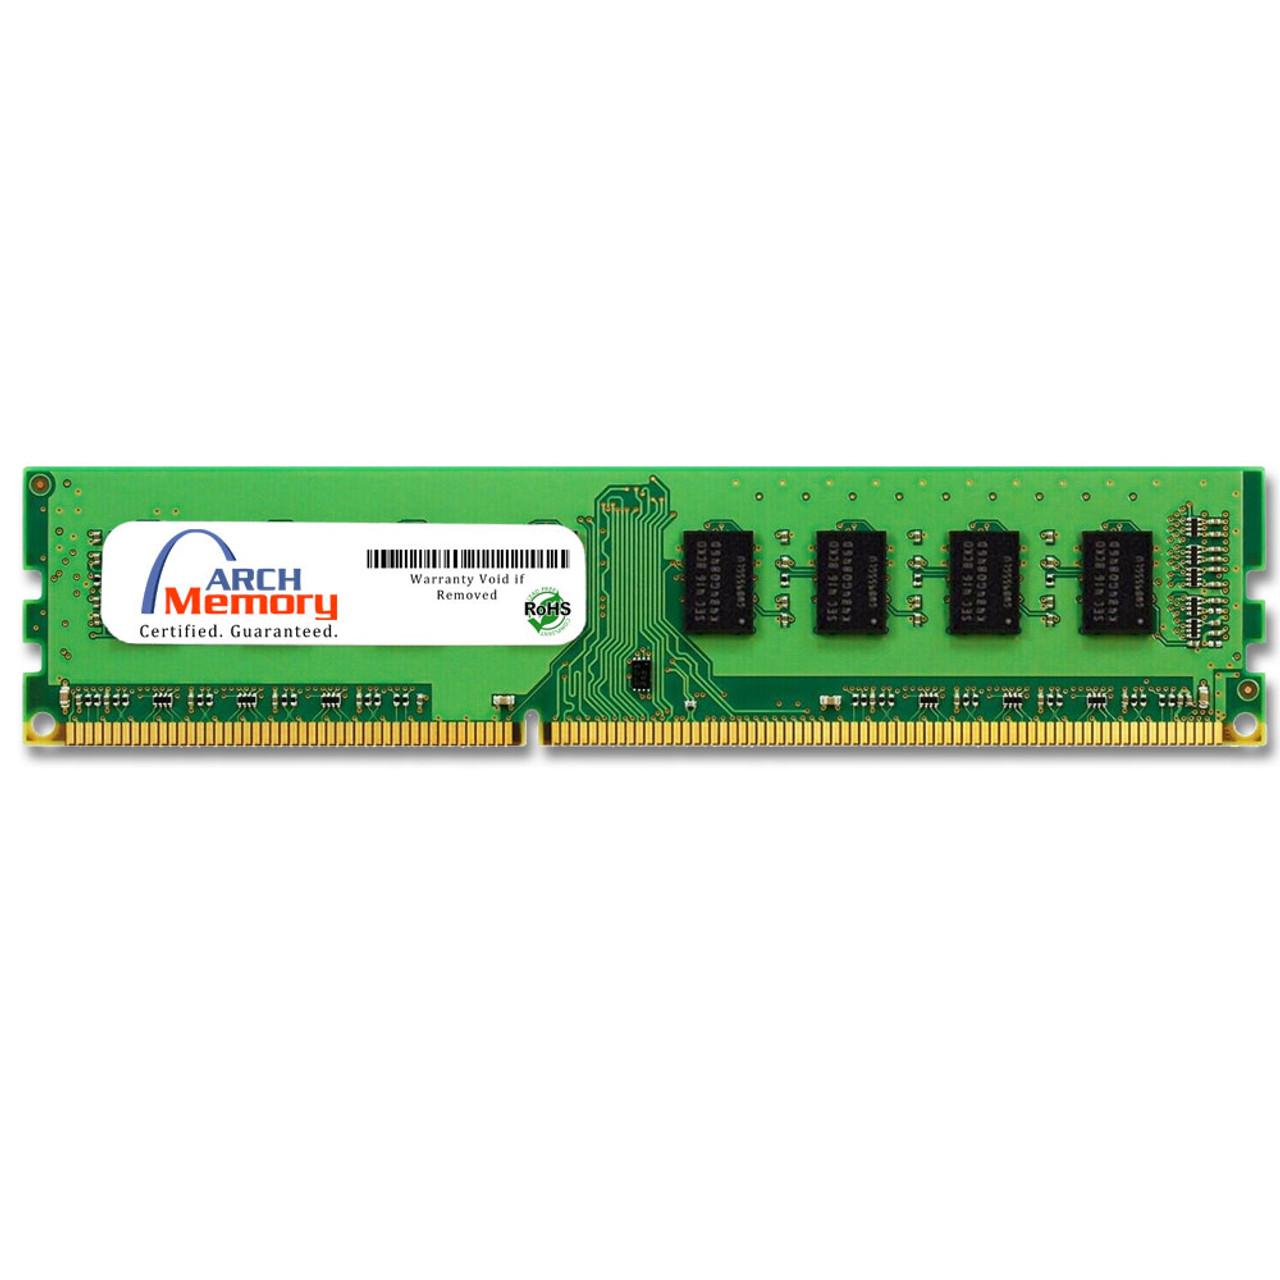 2GB 240-Pin DDR3-1066 PC3-8500 UDIMM RAM